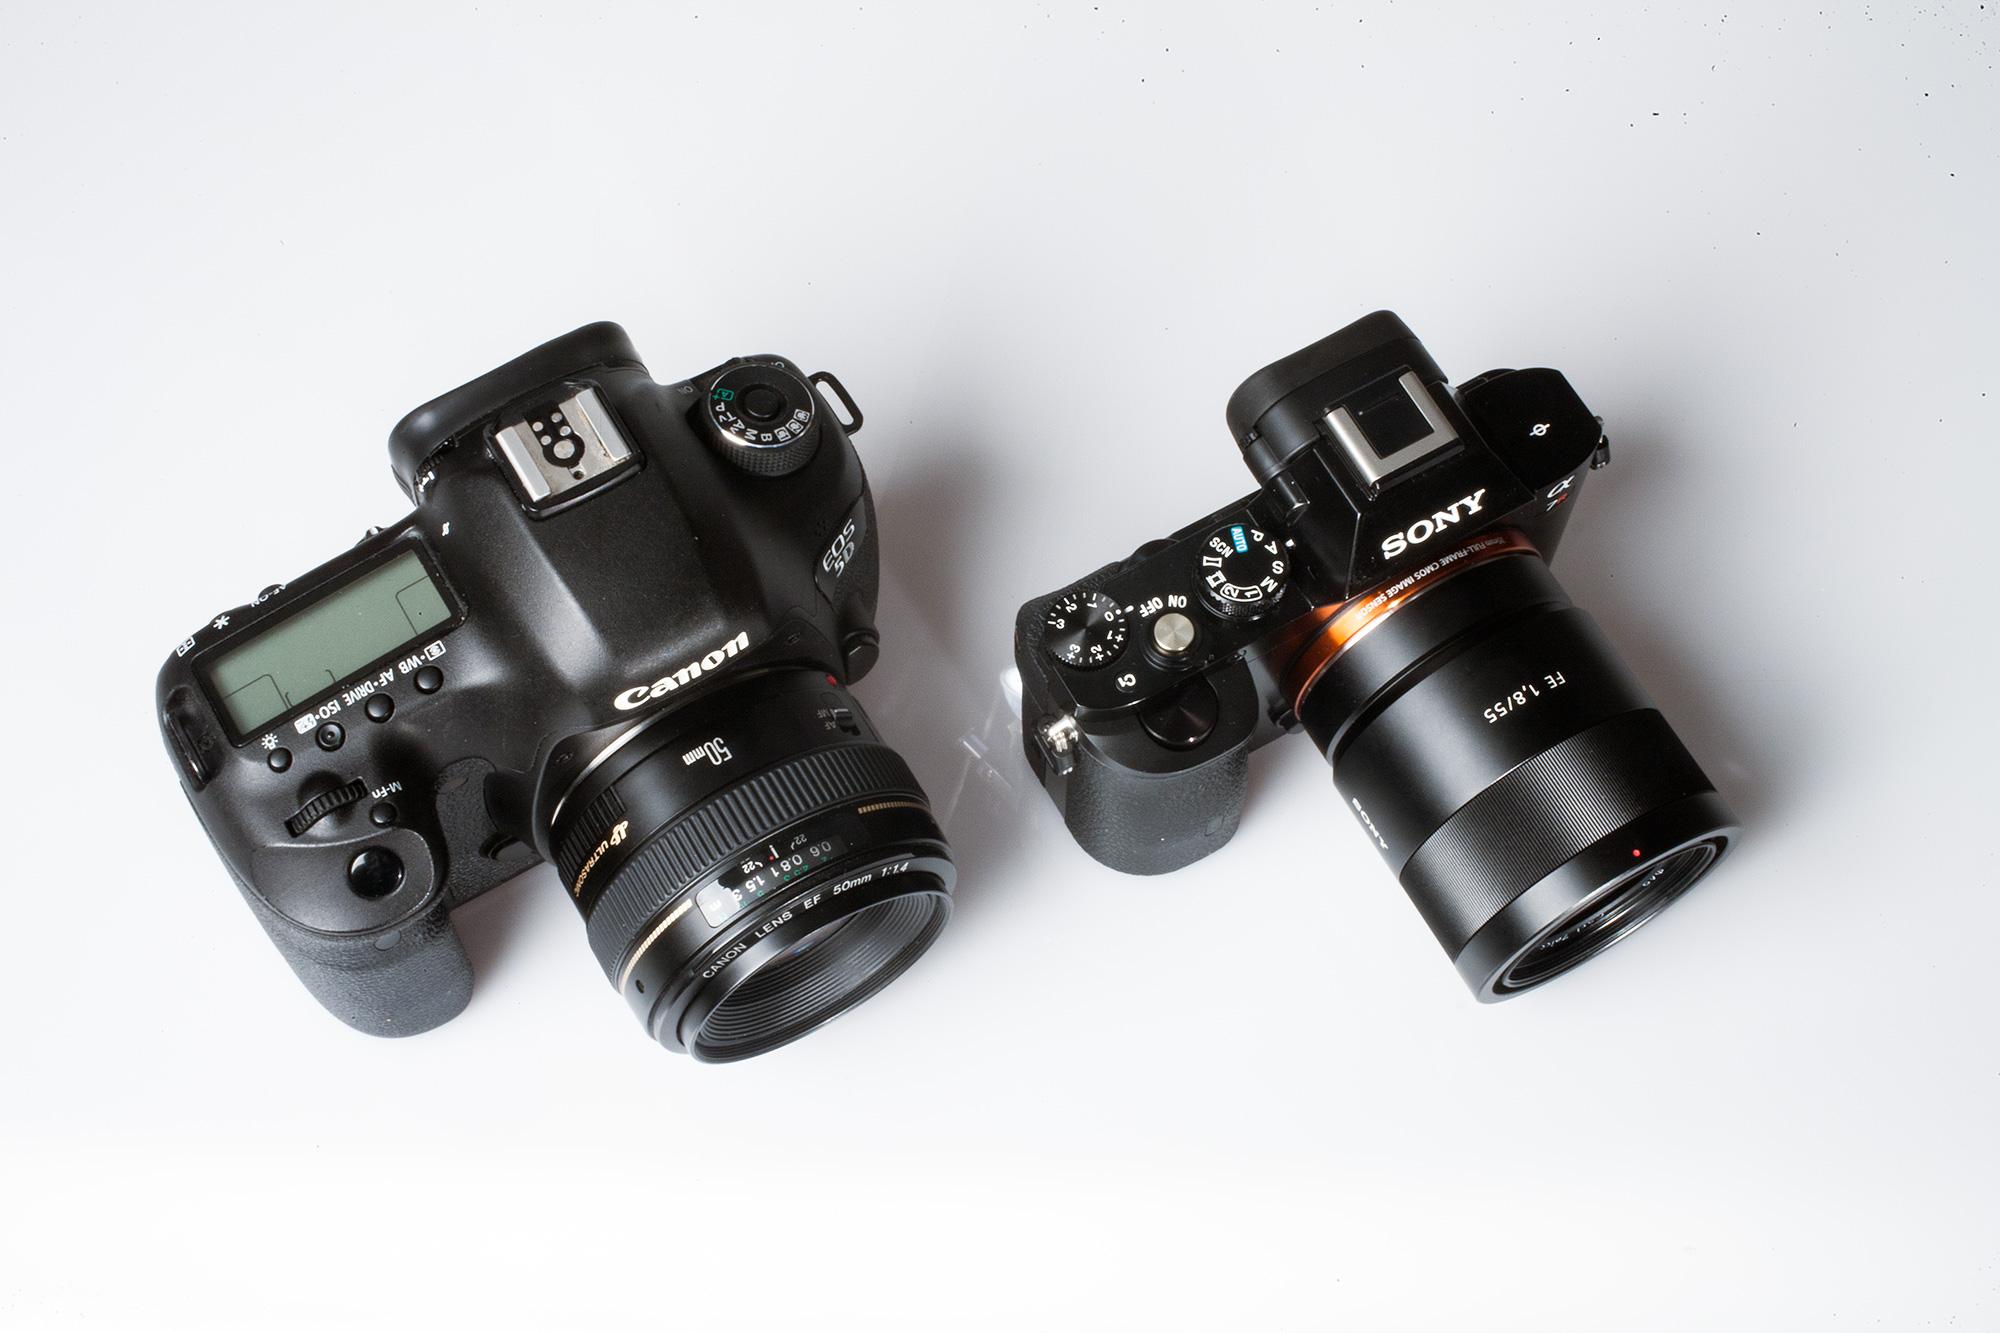 Links: 1200 g, 22 Mpx, 61 Punkt AF, 1080p Full-HD-Videos Rechts: 740 g, 34.6 Mpx, 304 Punkt AF, 1080p Full-HD-Videos